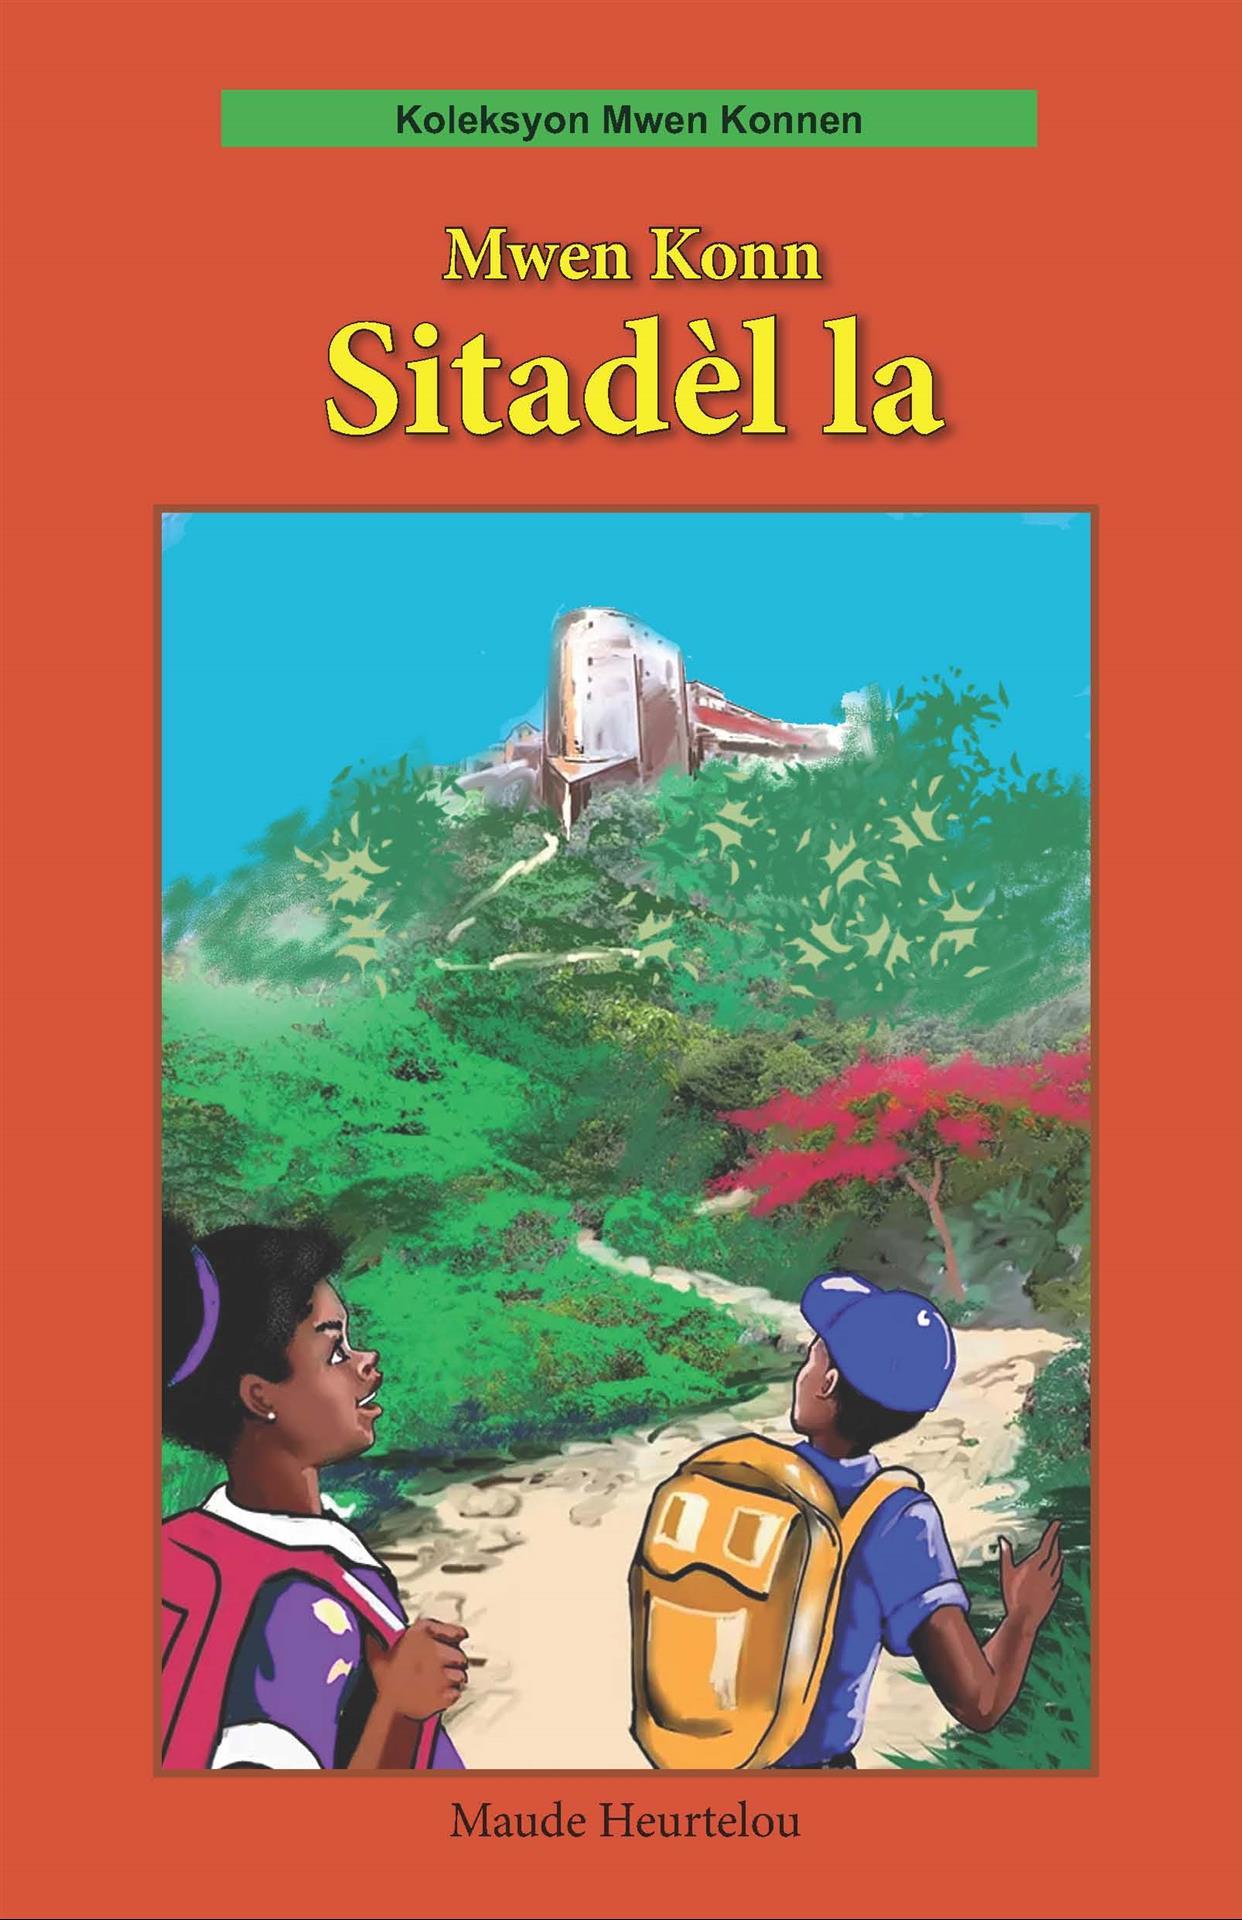 Mwen Konn Sitadèl la (Big Book)